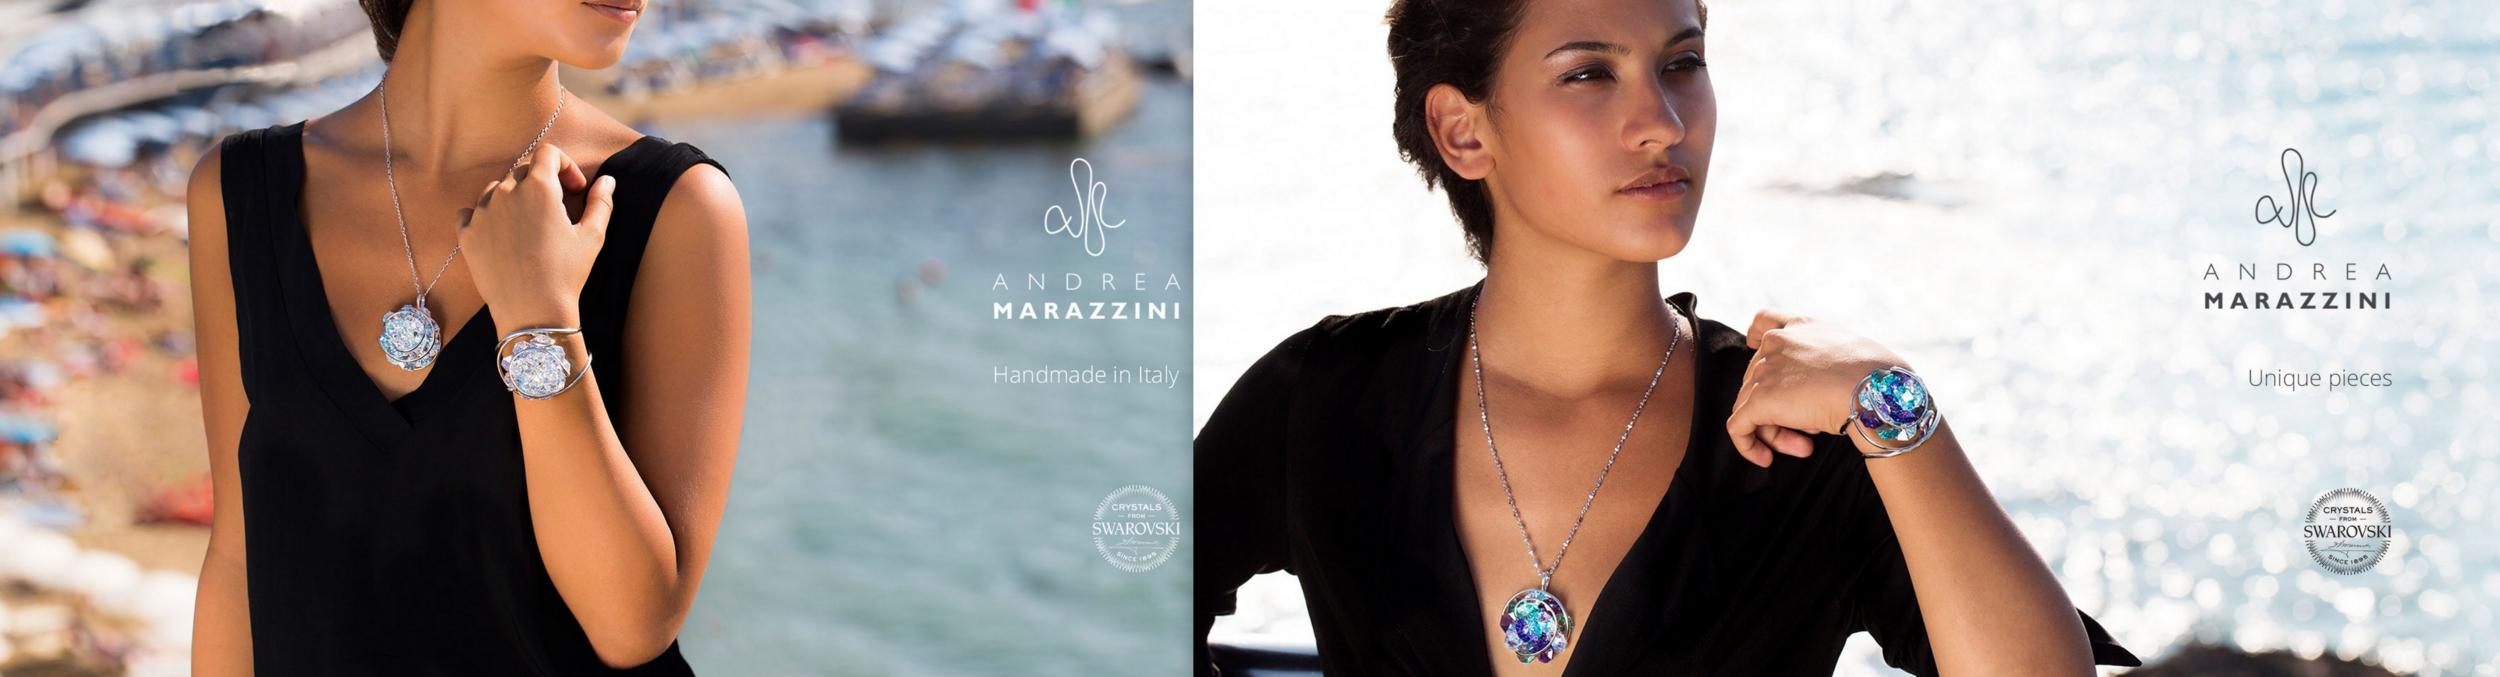 Bijoux Andréa Marazzini